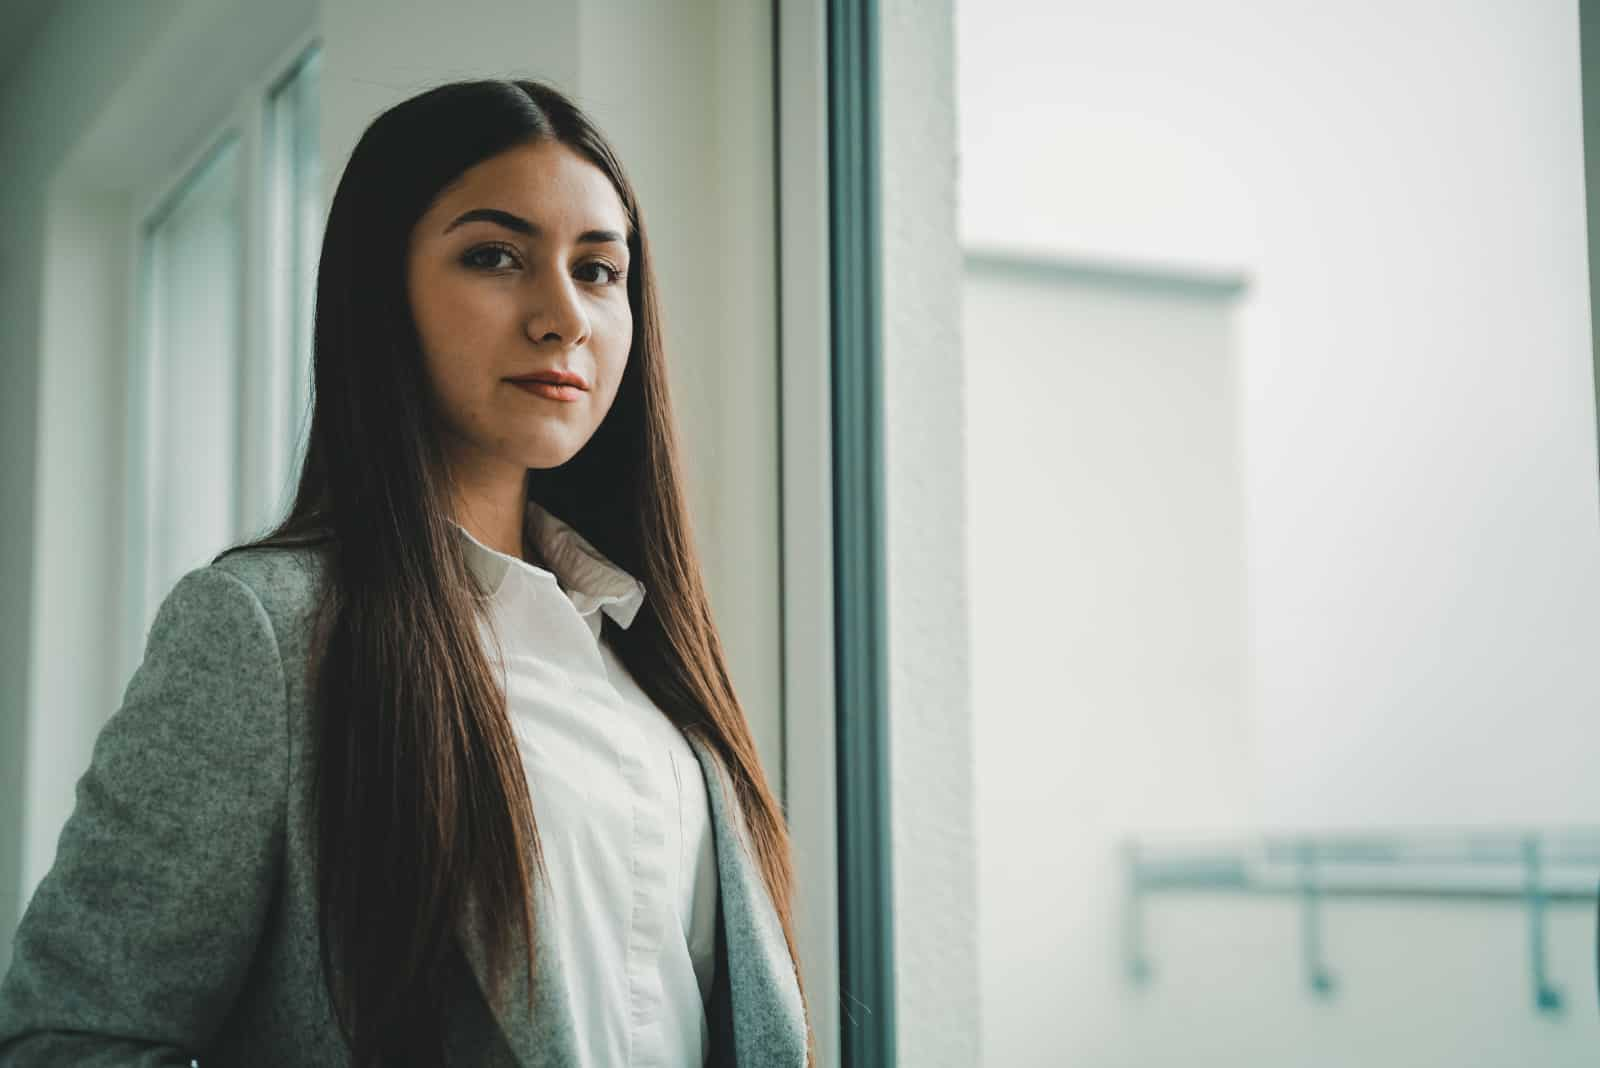 femme en blazer gris debout près d'une fenêtre